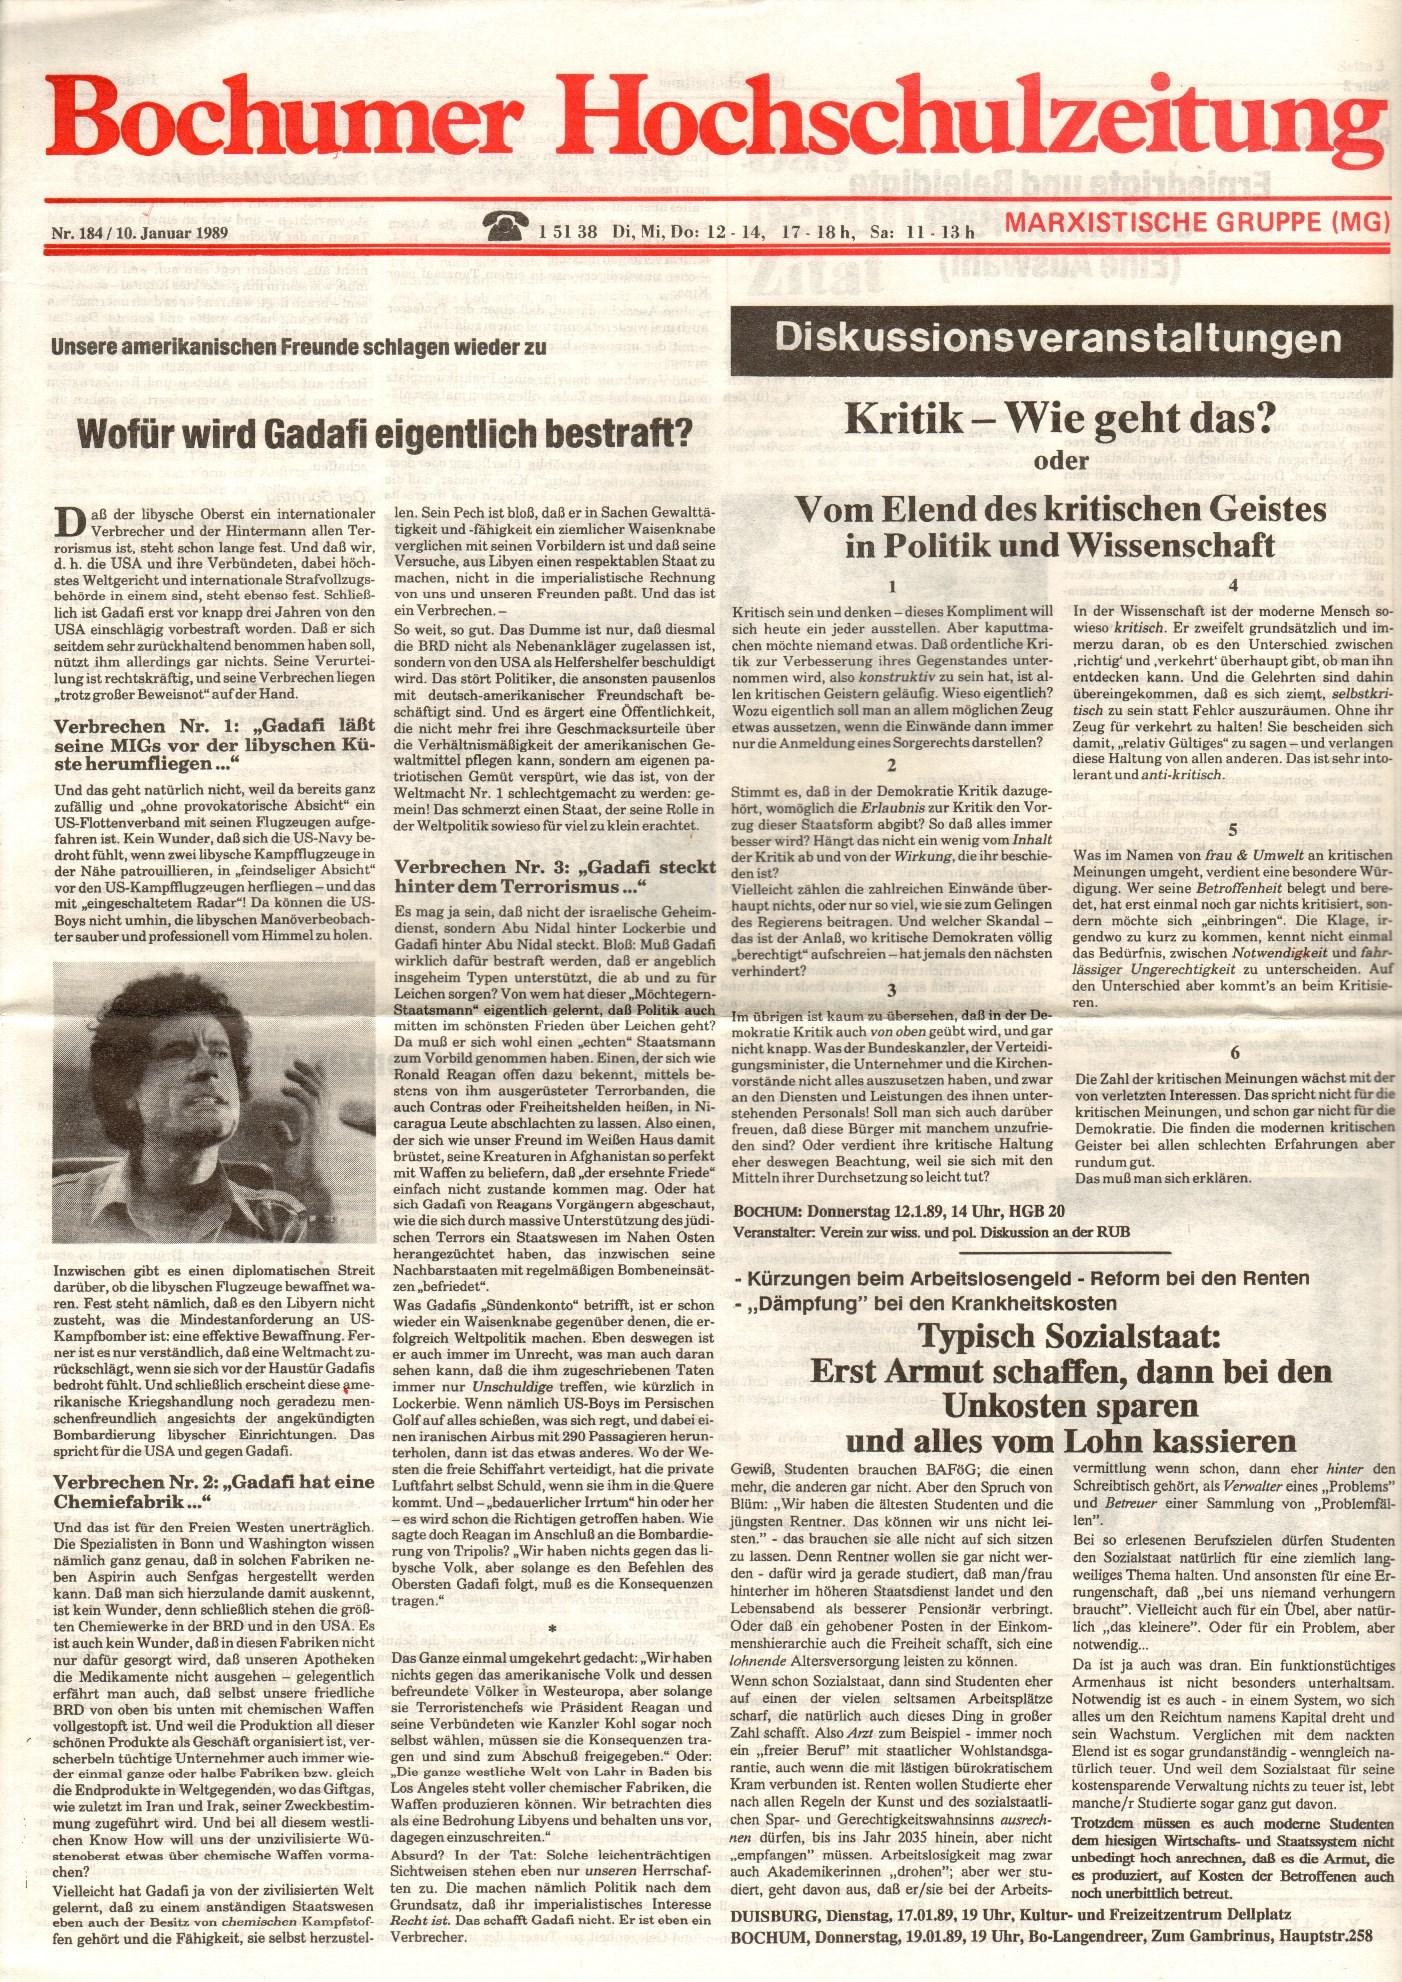 MG_Bochumer_Hochschulzeitung_19890110_01